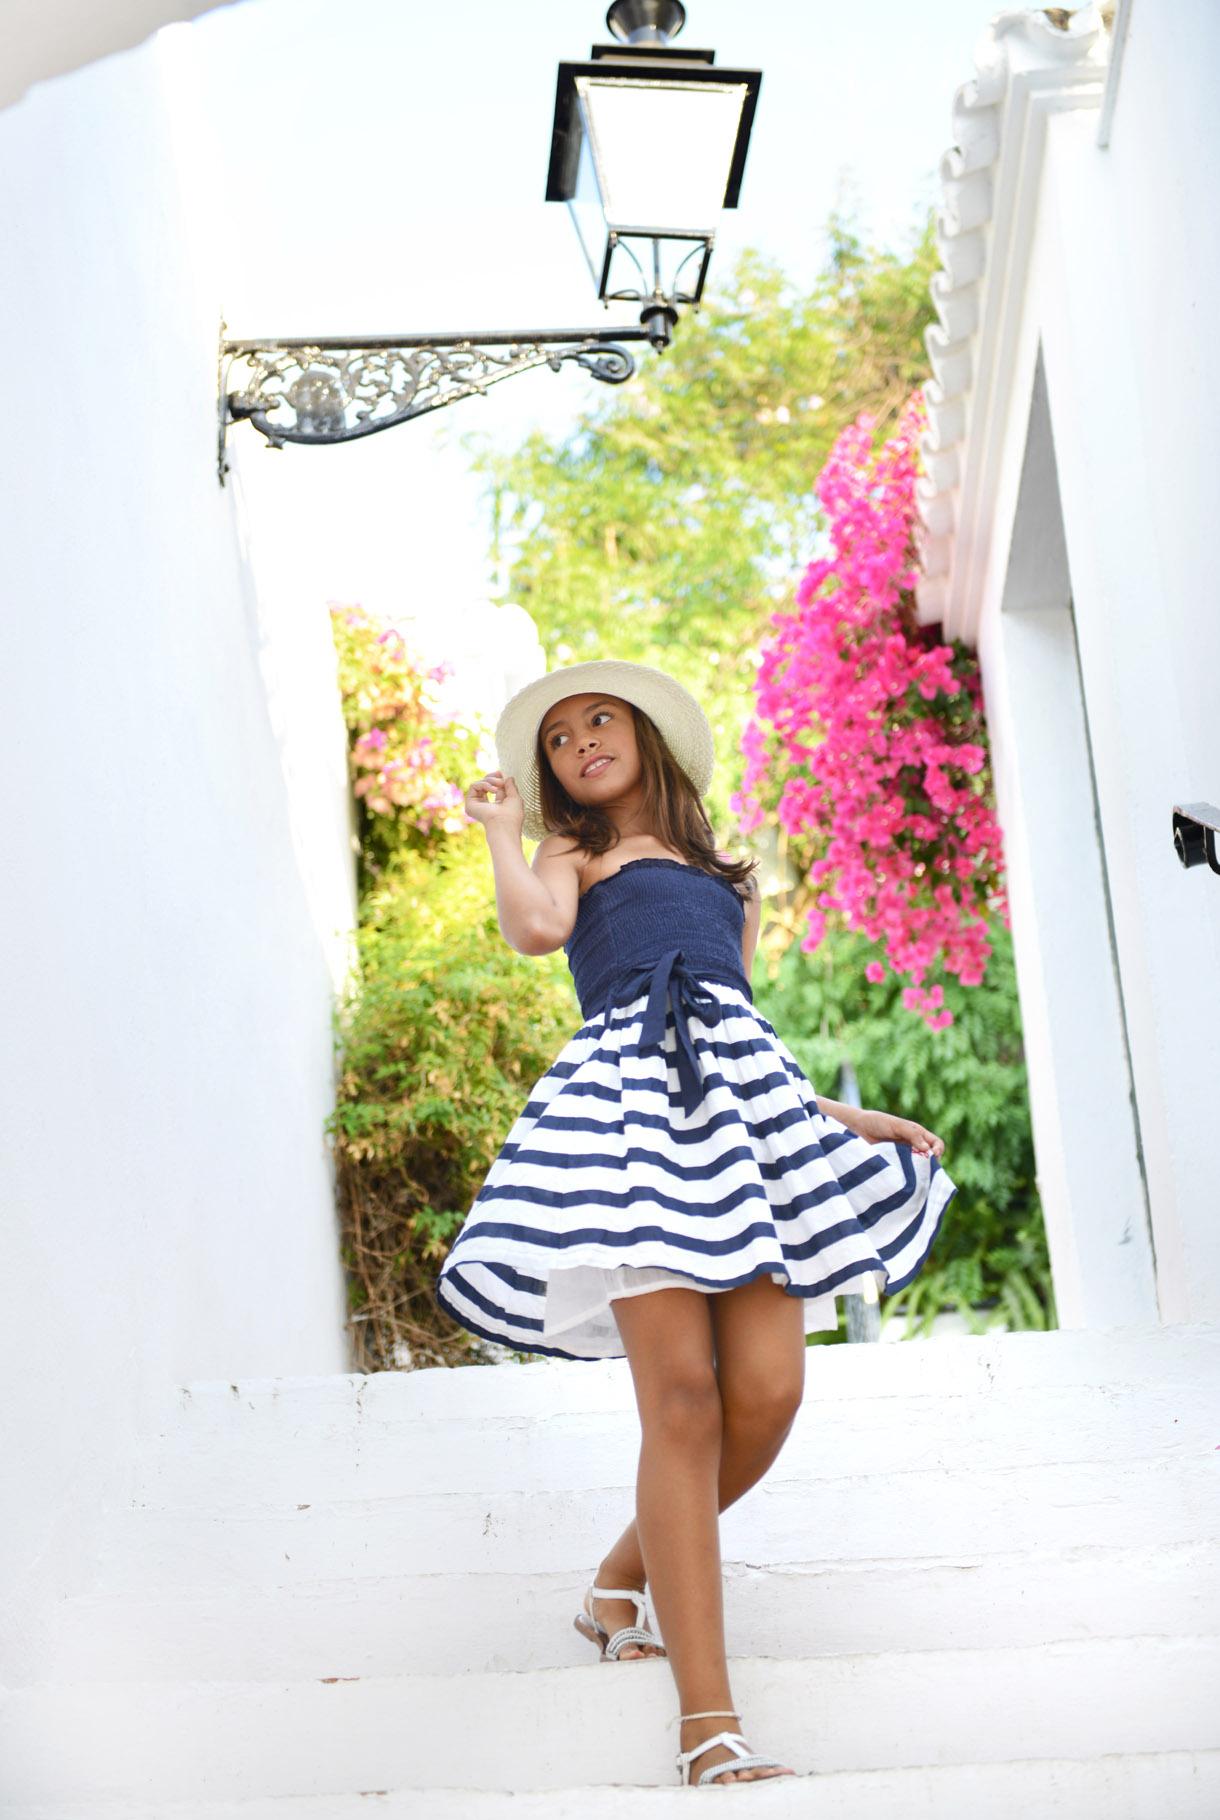 fotografos moda malaga